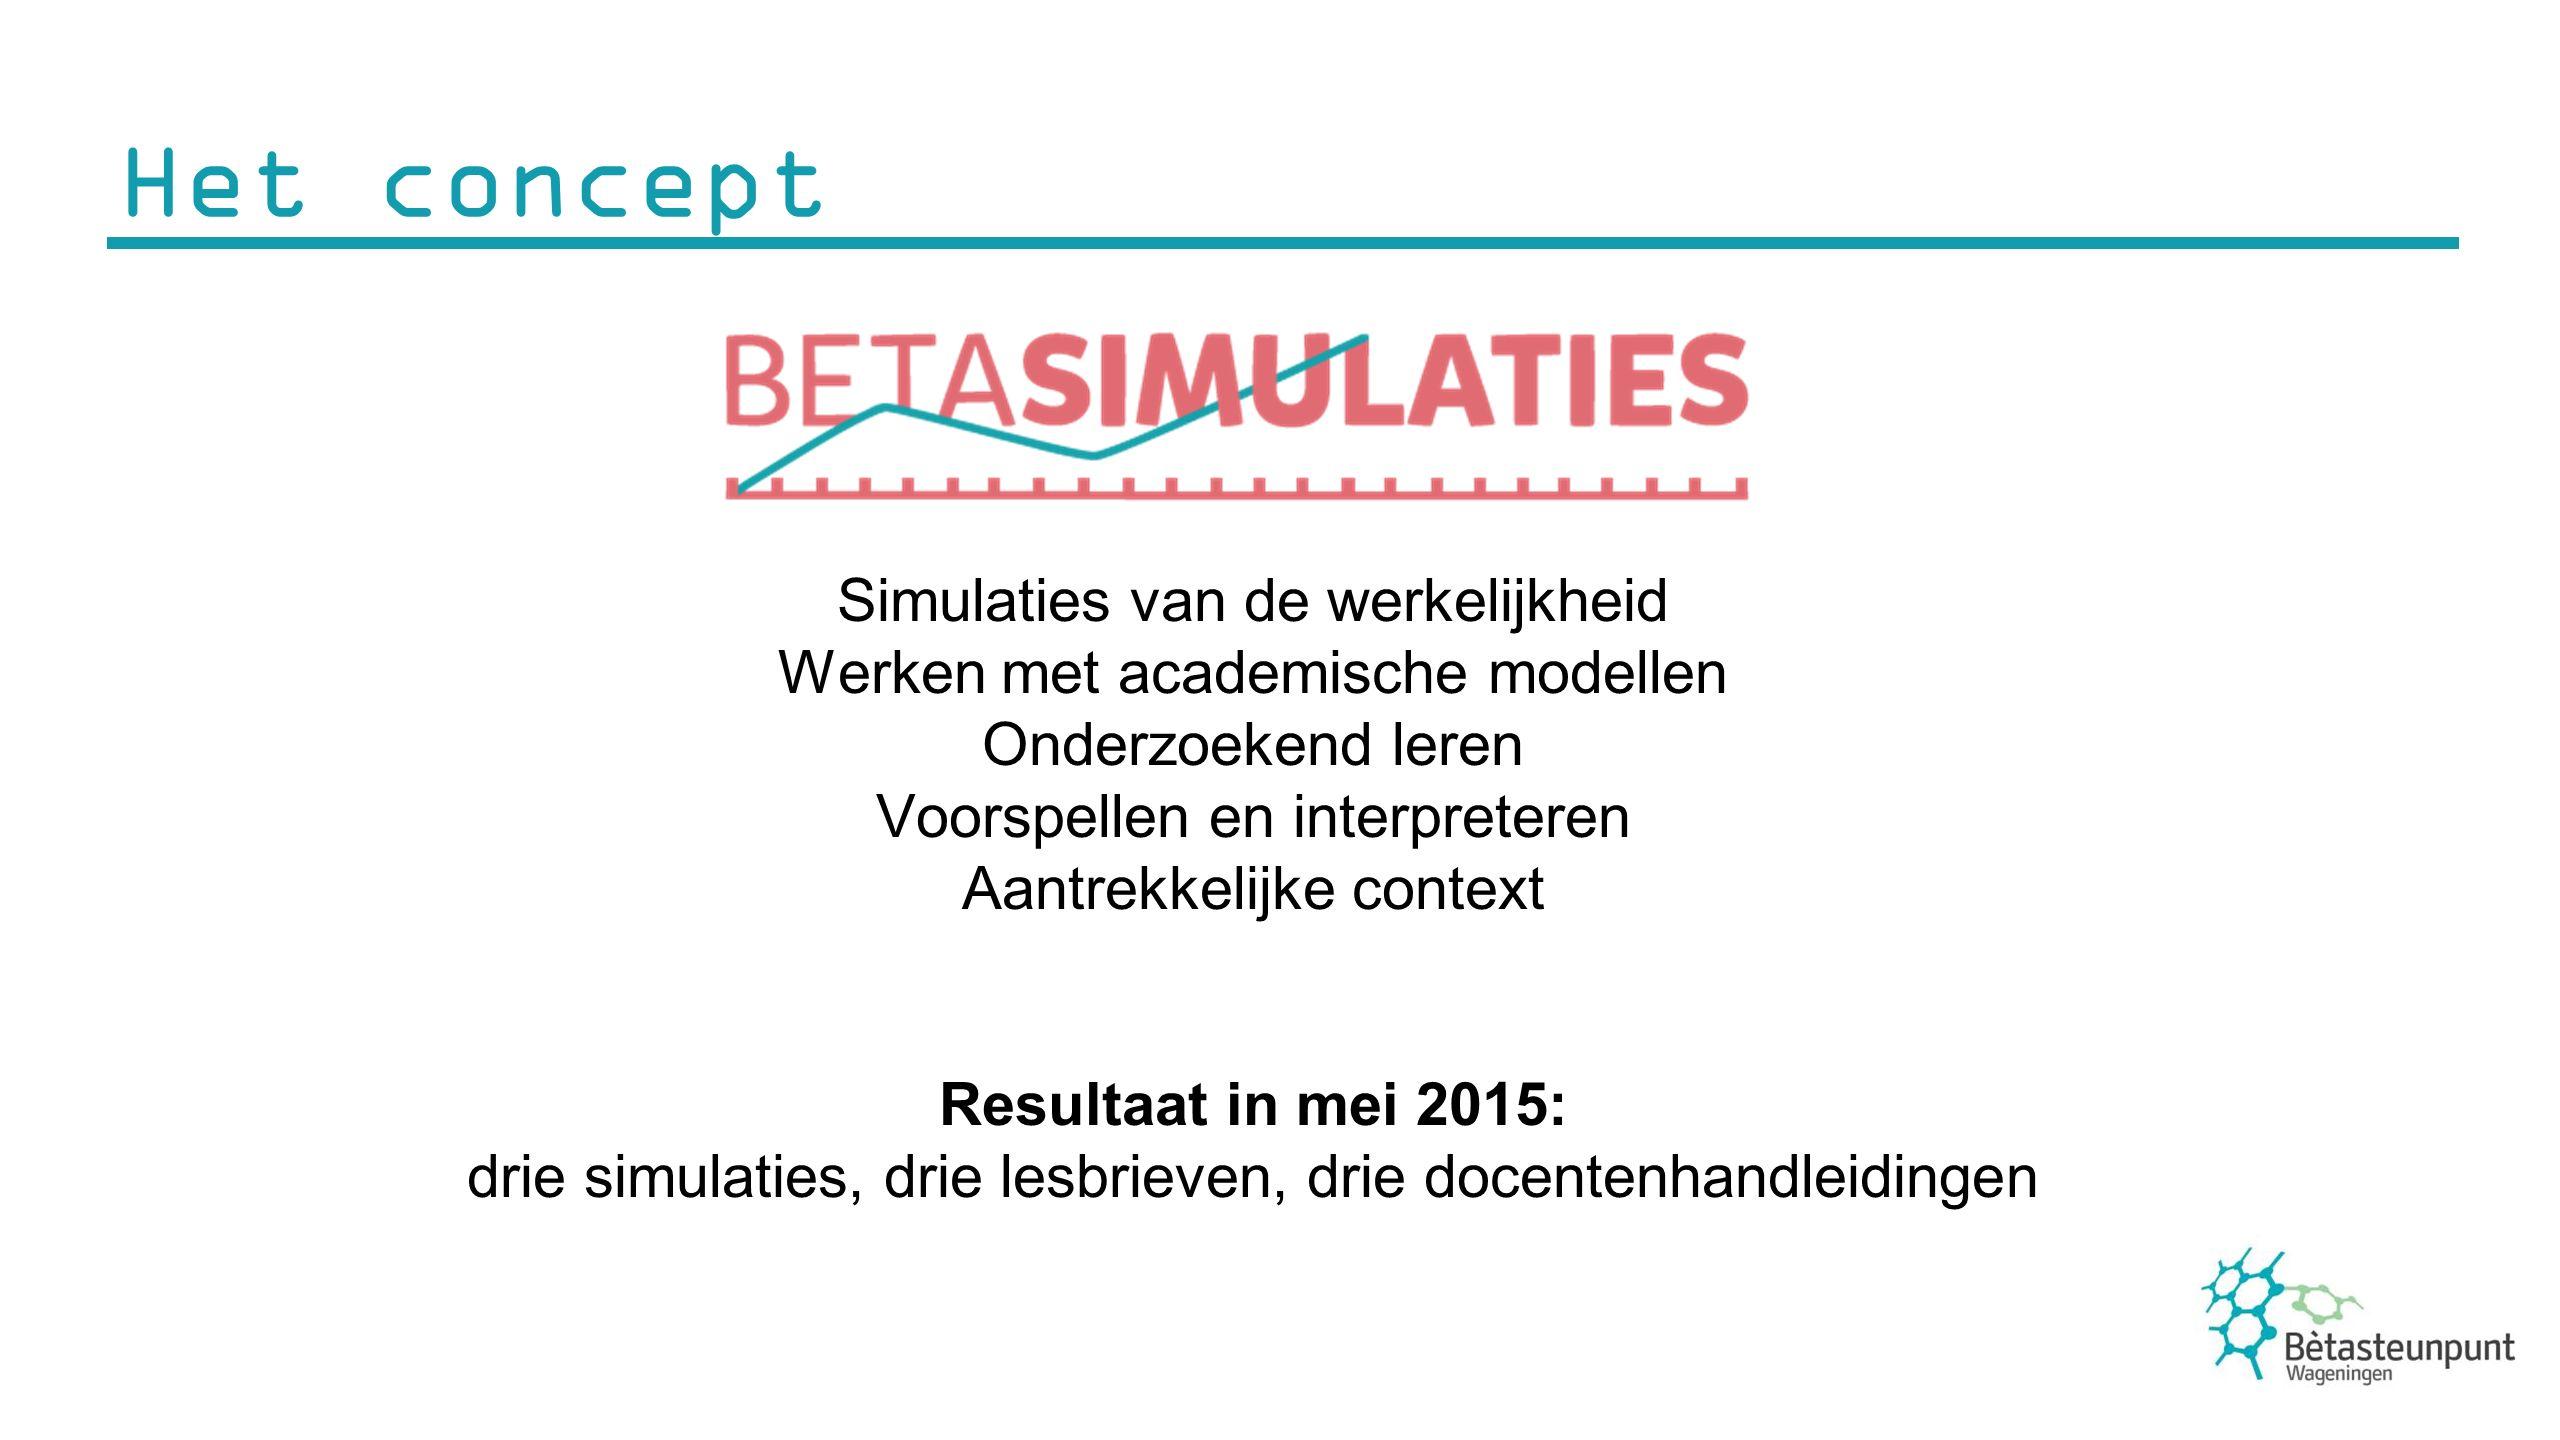 Het concept Simulaties van de werkelijkheid Werken met academische modellen Onderzoekend leren Voorspellen en interpreteren Aantrekkelijke context Resultaat in mei 2015: drie simulaties, drie lesbrieven, drie docentenhandleidingen